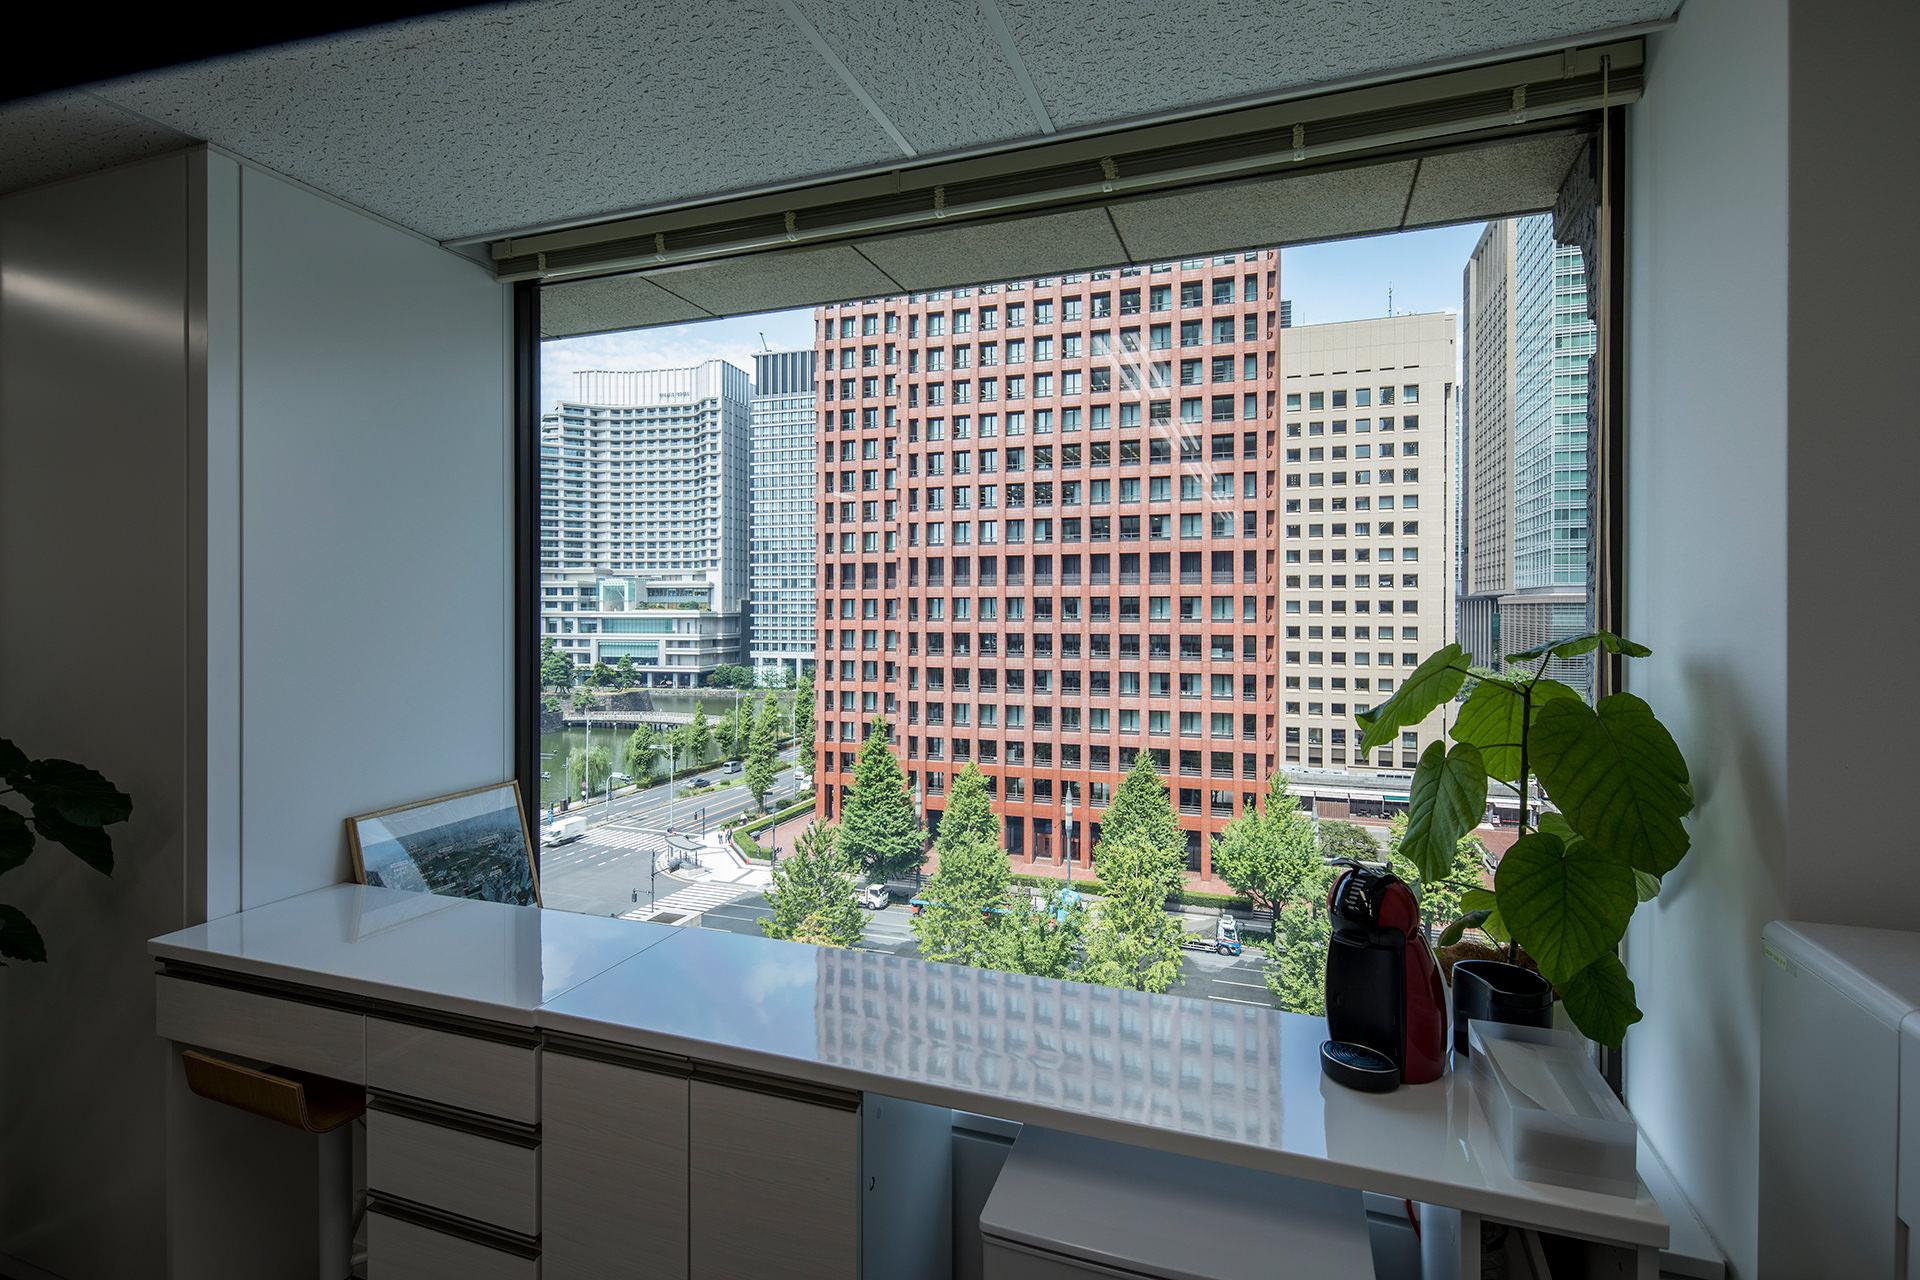 「日本バイオガスデベロップメント」オフィス竣工撮影の事例06